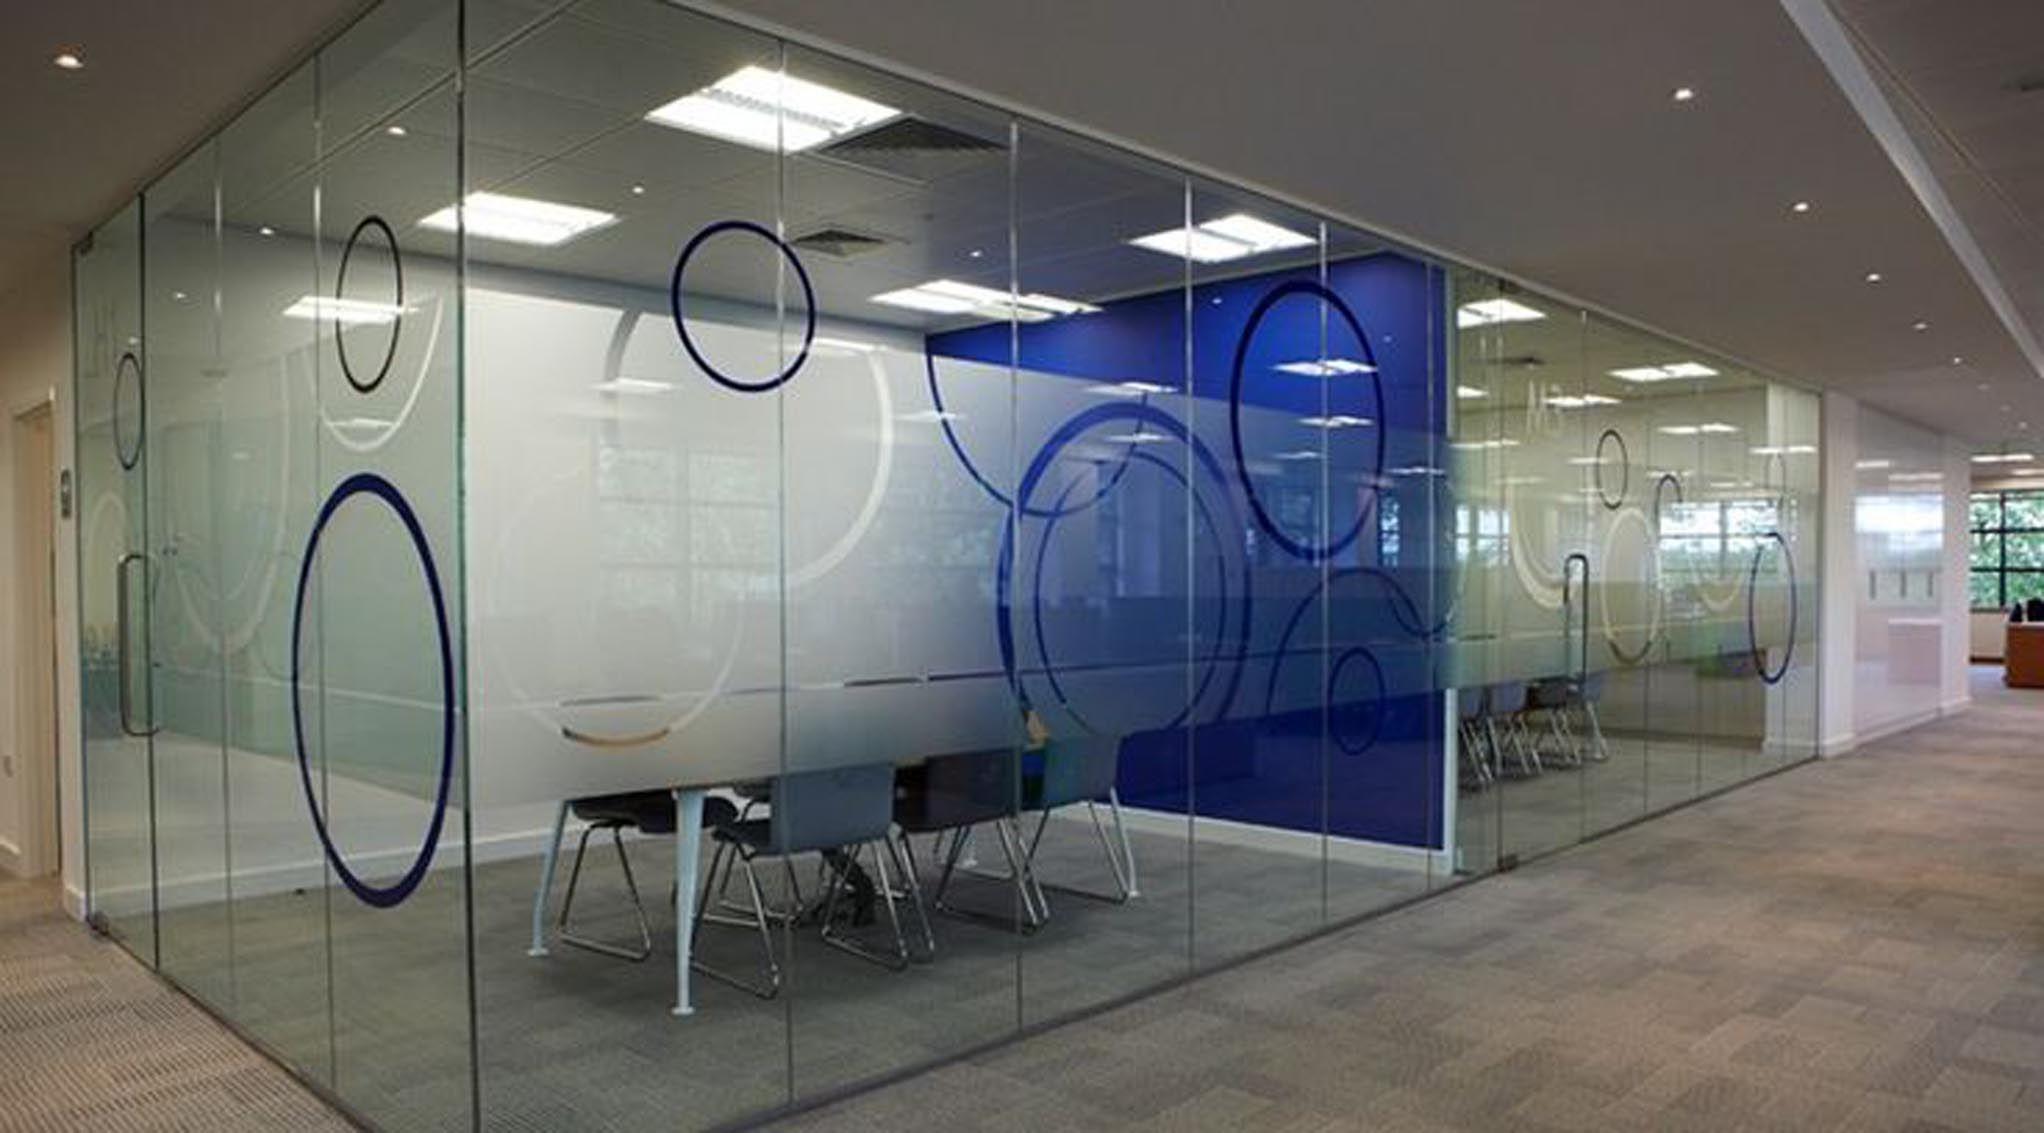 Glass design glass sticker design wall design office walls office decor